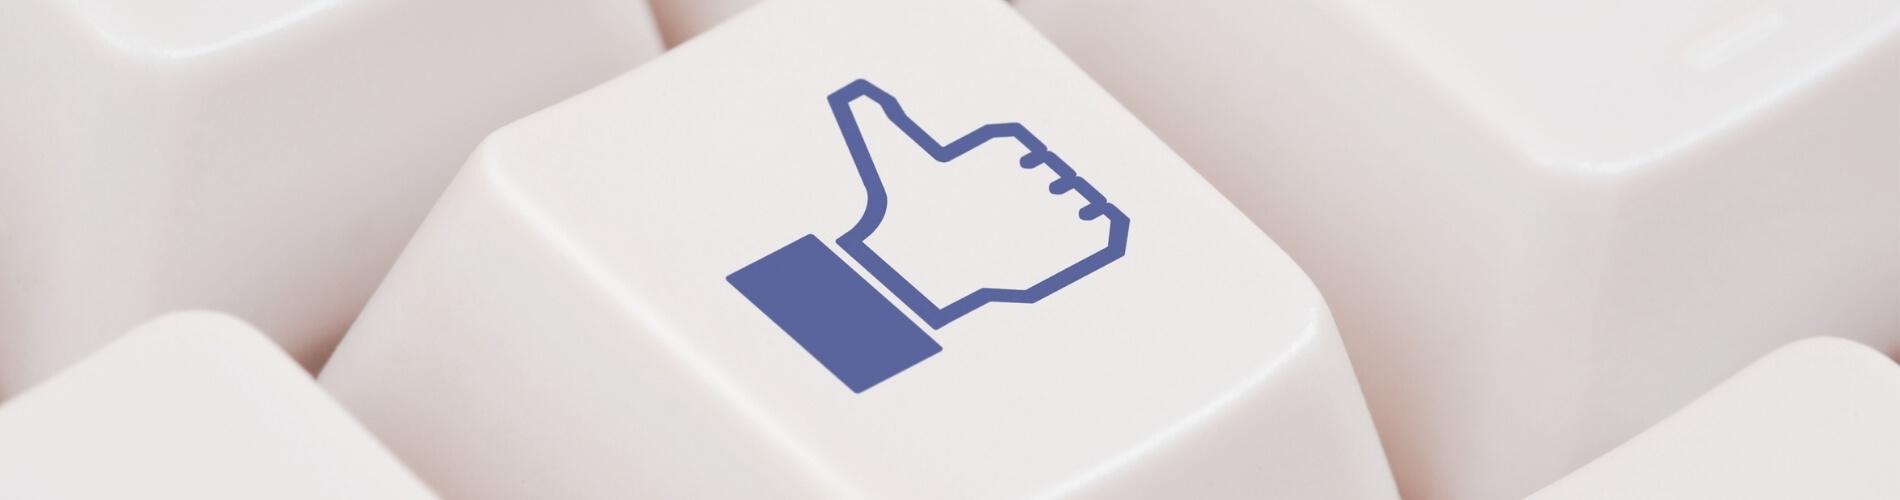 קניית לייקים ישראליים איכותיים בפייסבוק דיגיטל בוסט